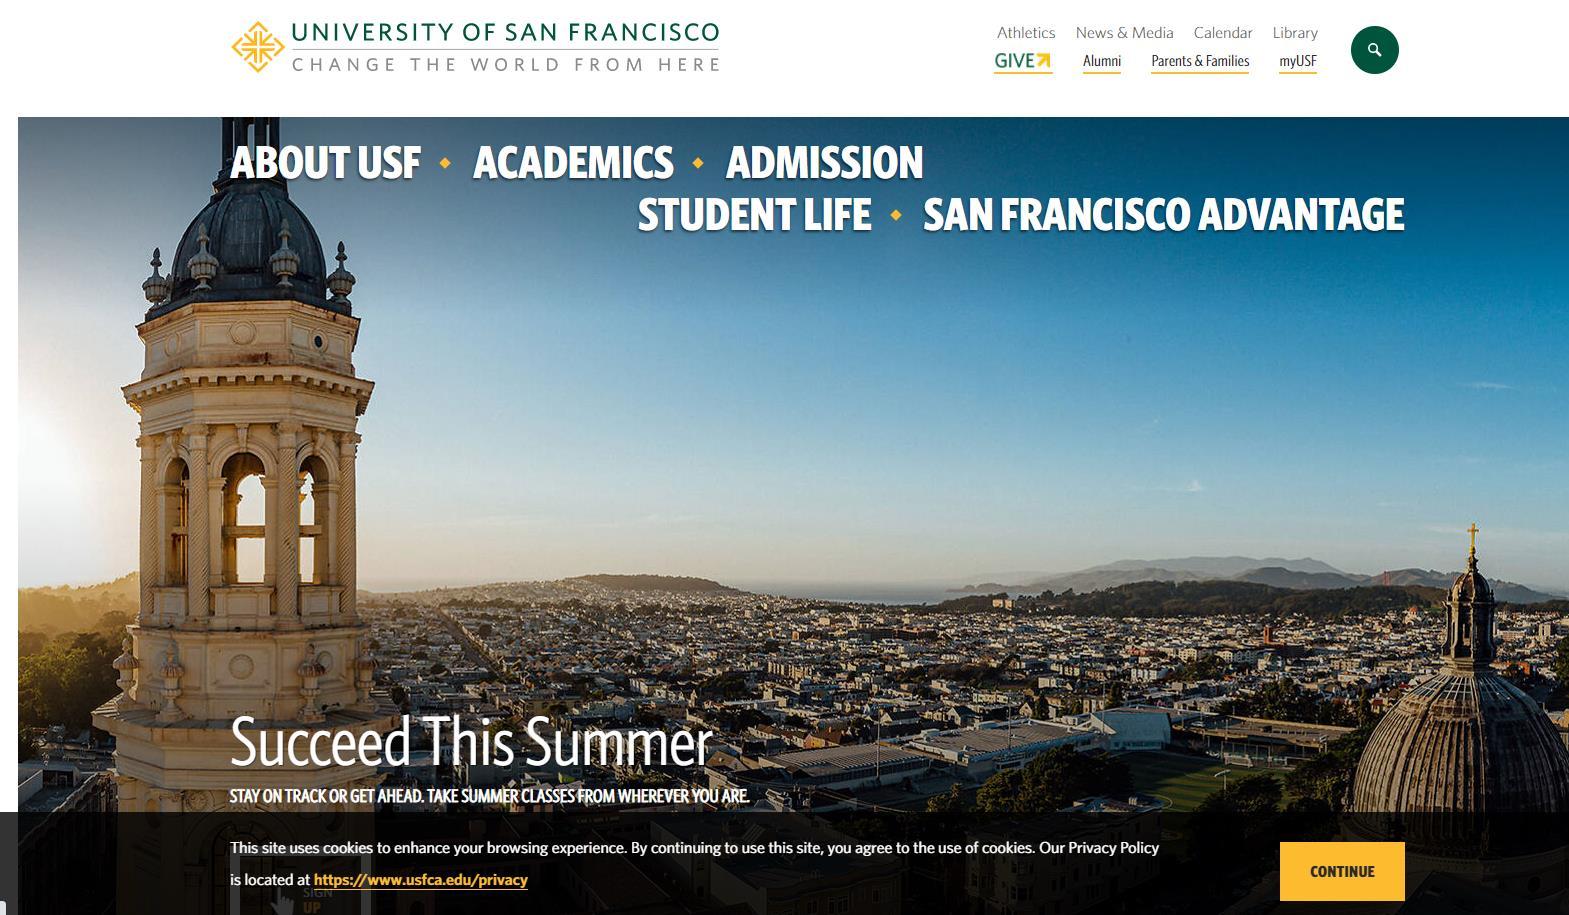 旧金山大学官网 University of San Francisco